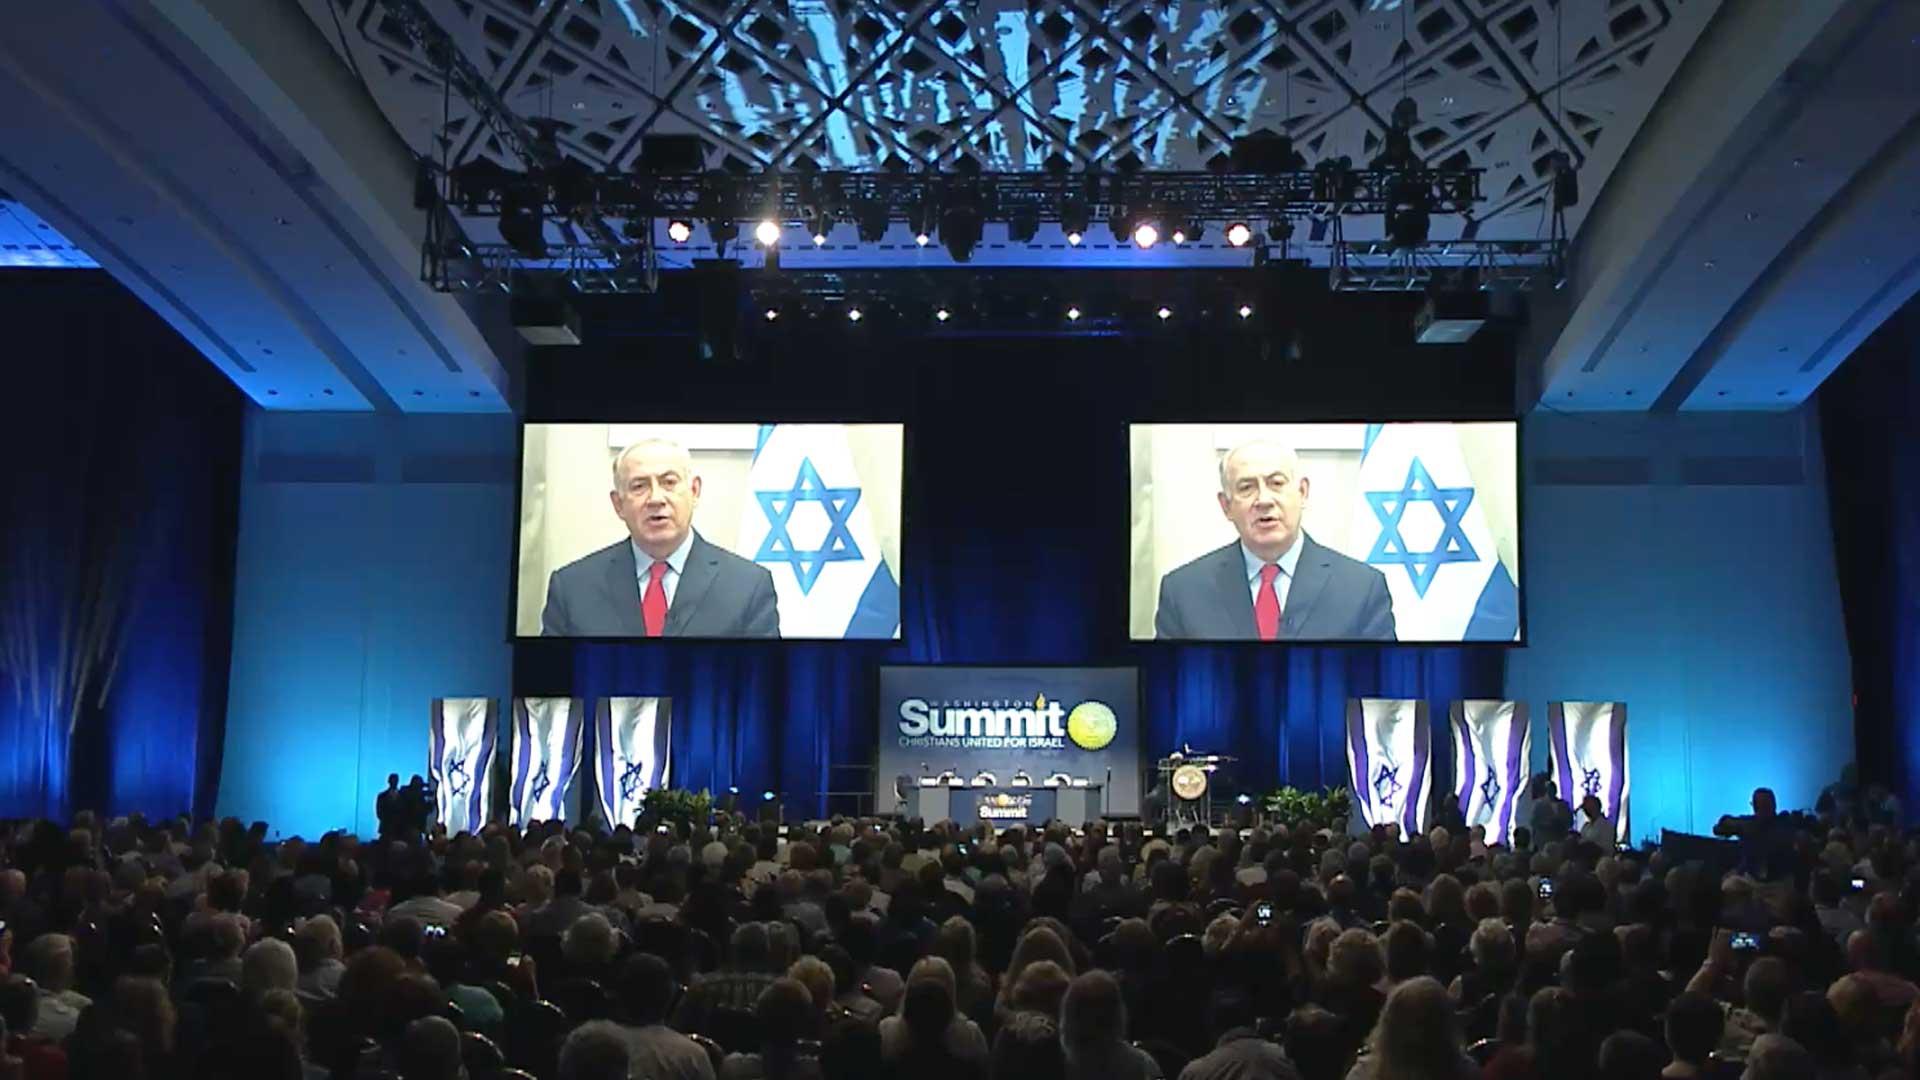 Weltweit verbunden: Der israelische Premier Netanjahu dankte Christen in Washington von Budapest aus für deren Unterstützung